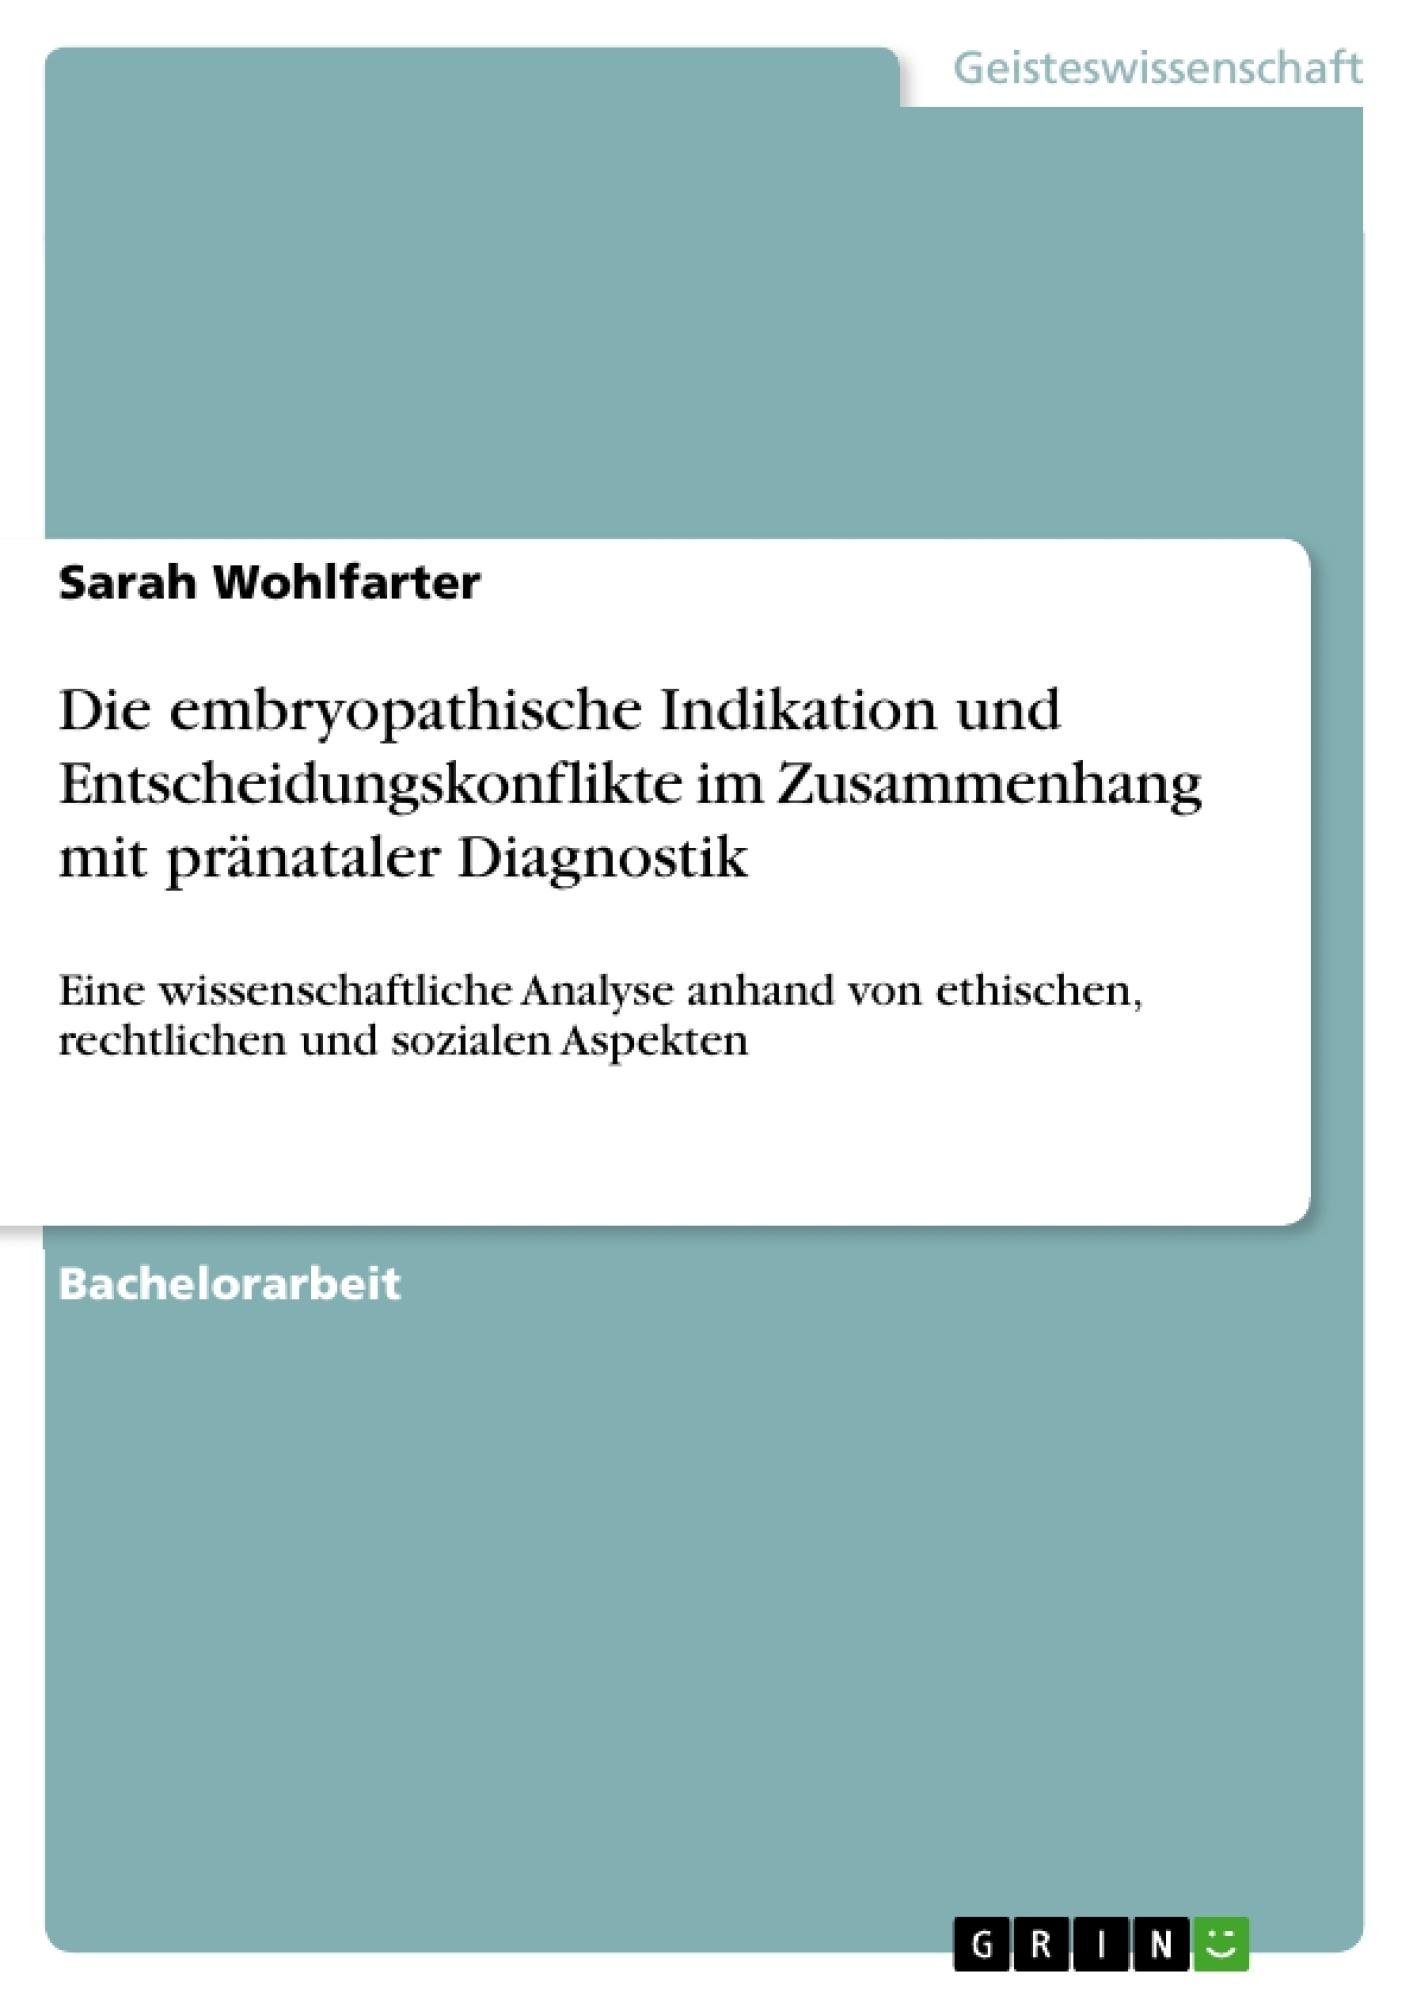 Titel: Die embryopathische Indikation und Entscheidungskonflikte im Zusammenhang mit pränataler Diagnostik